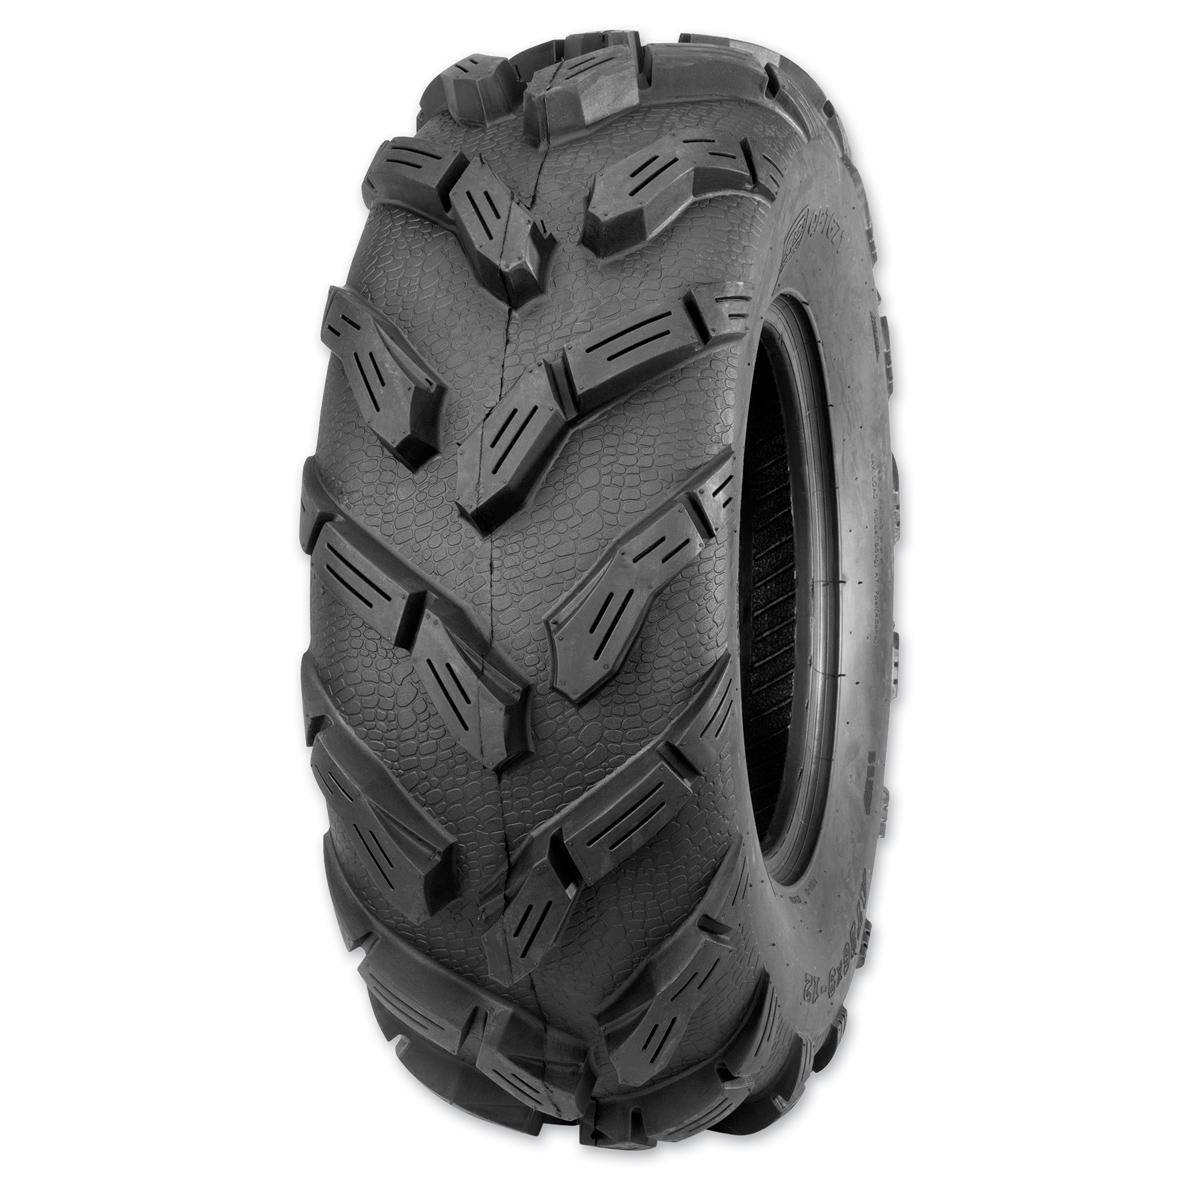 Quadboss QBT671 24X8-12 6-Ply Front Tire